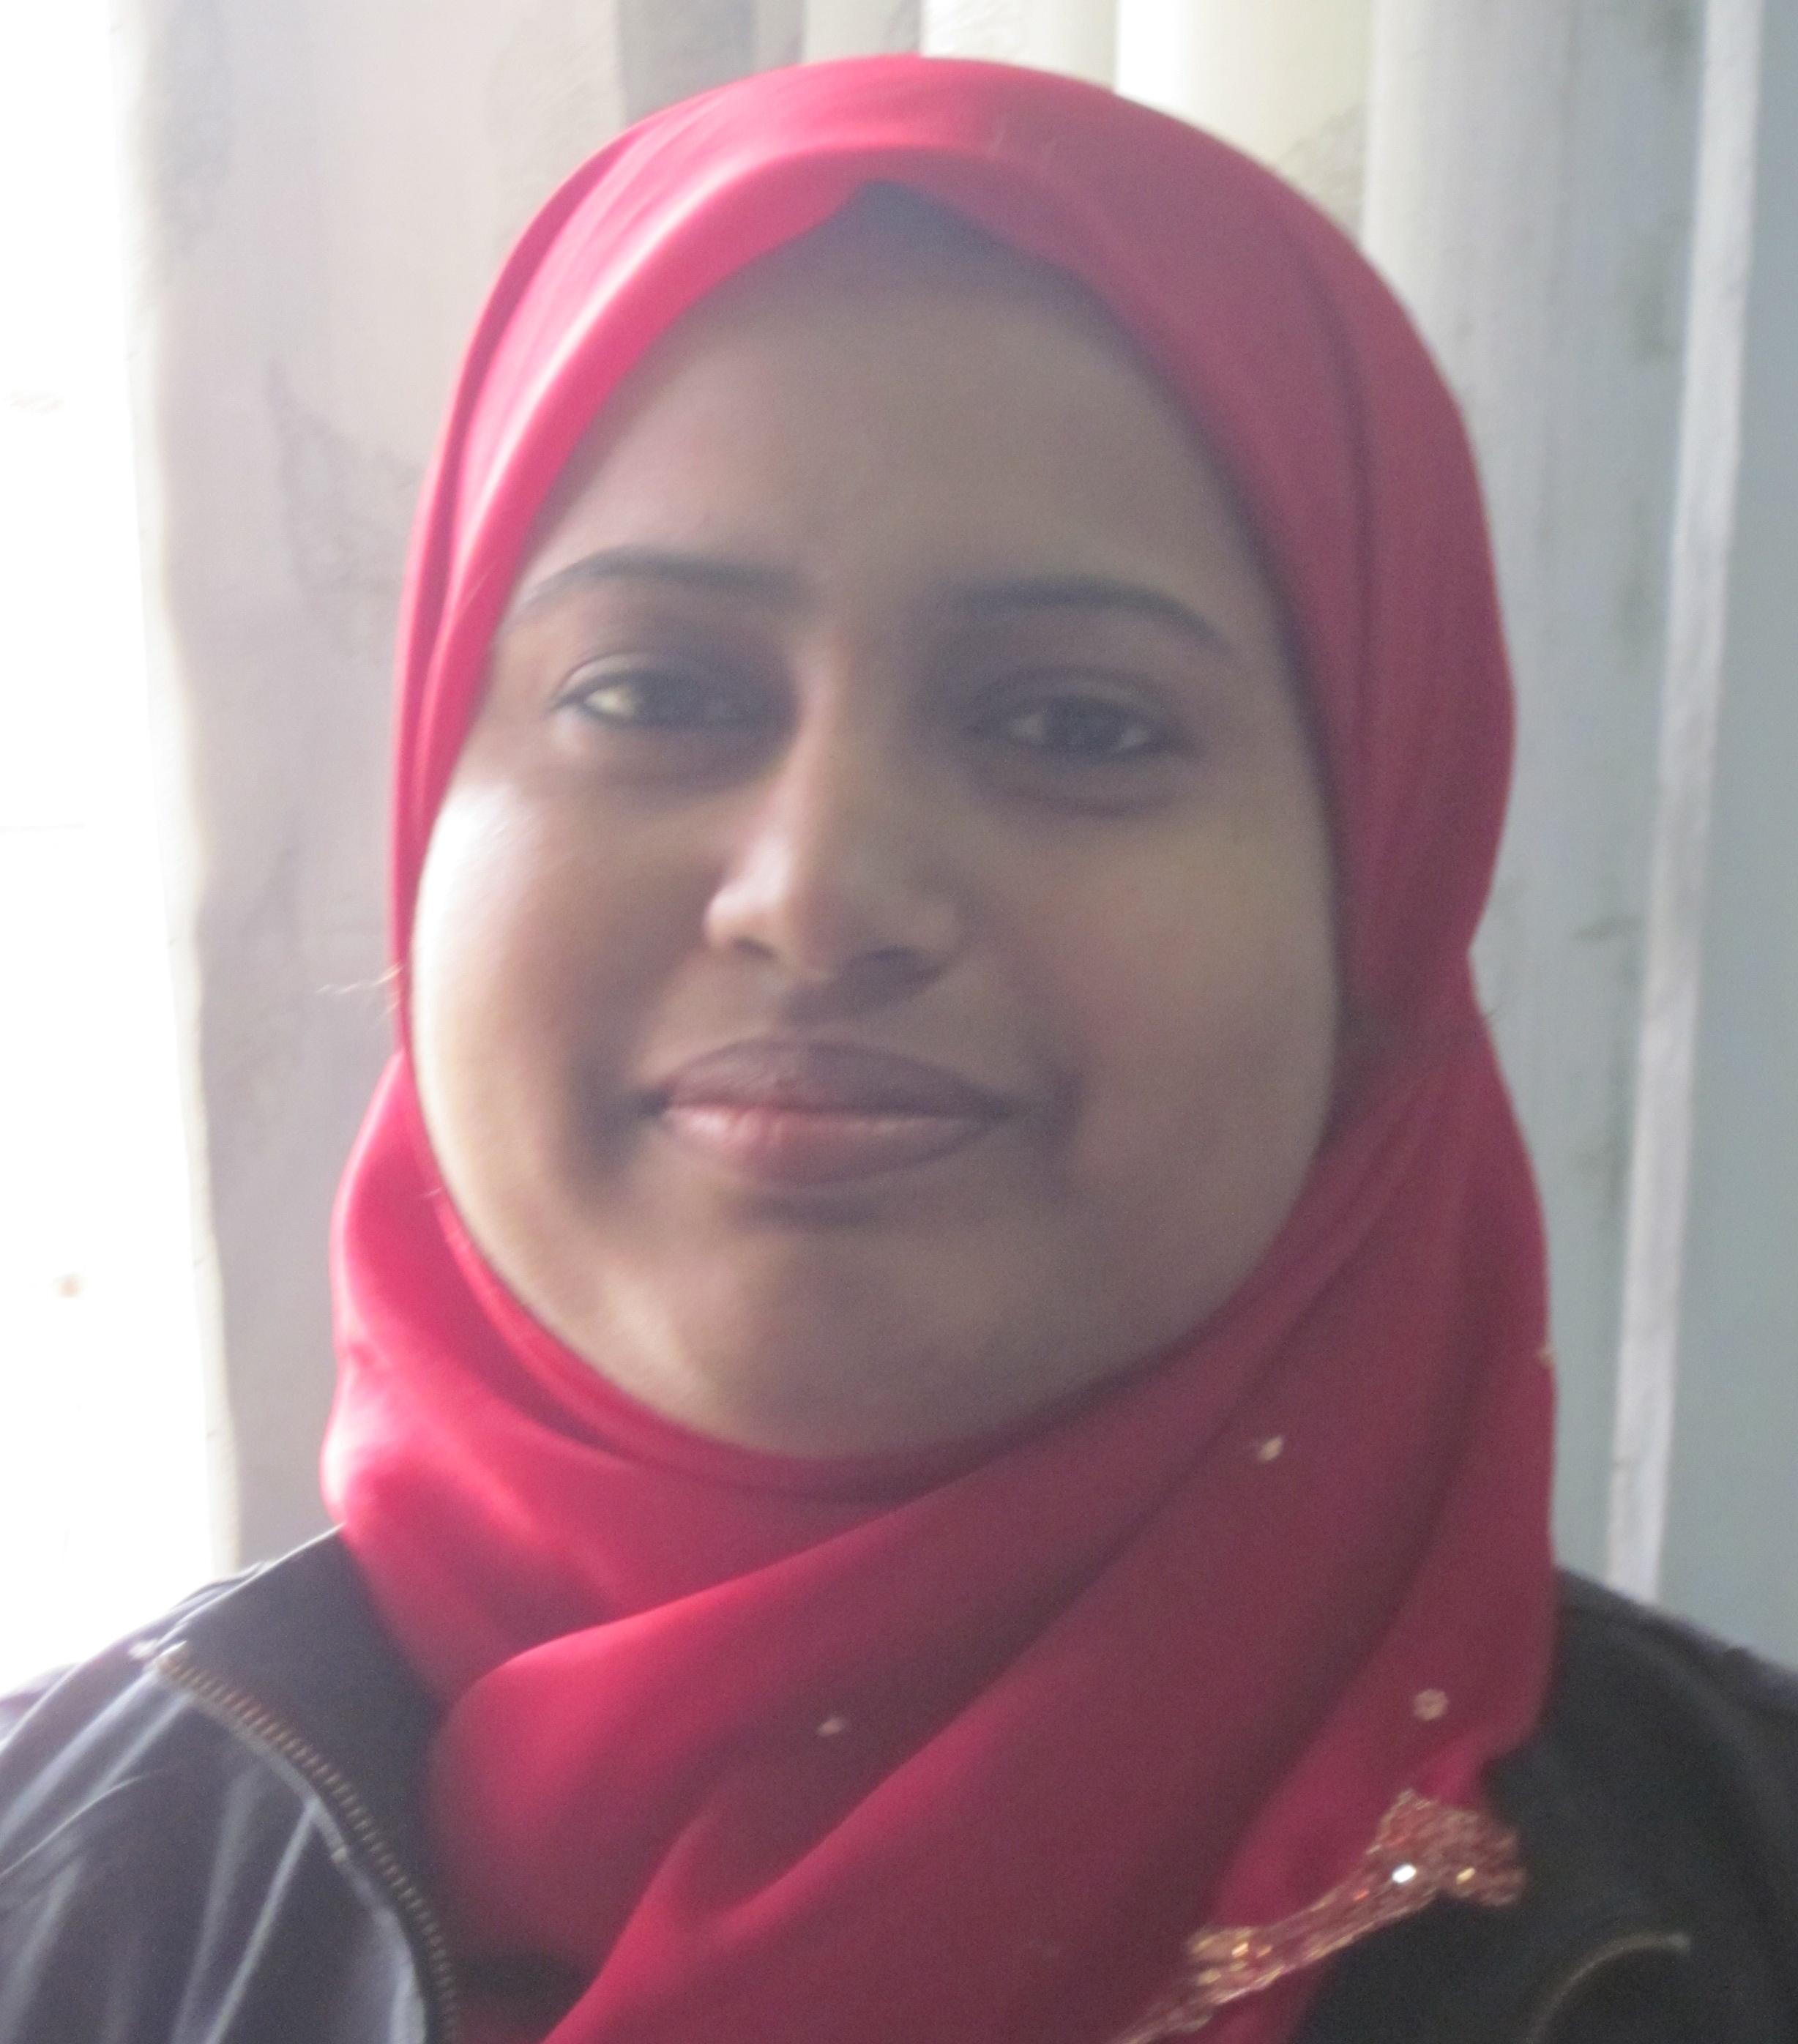 Mrs. Shahnaj  Parvin